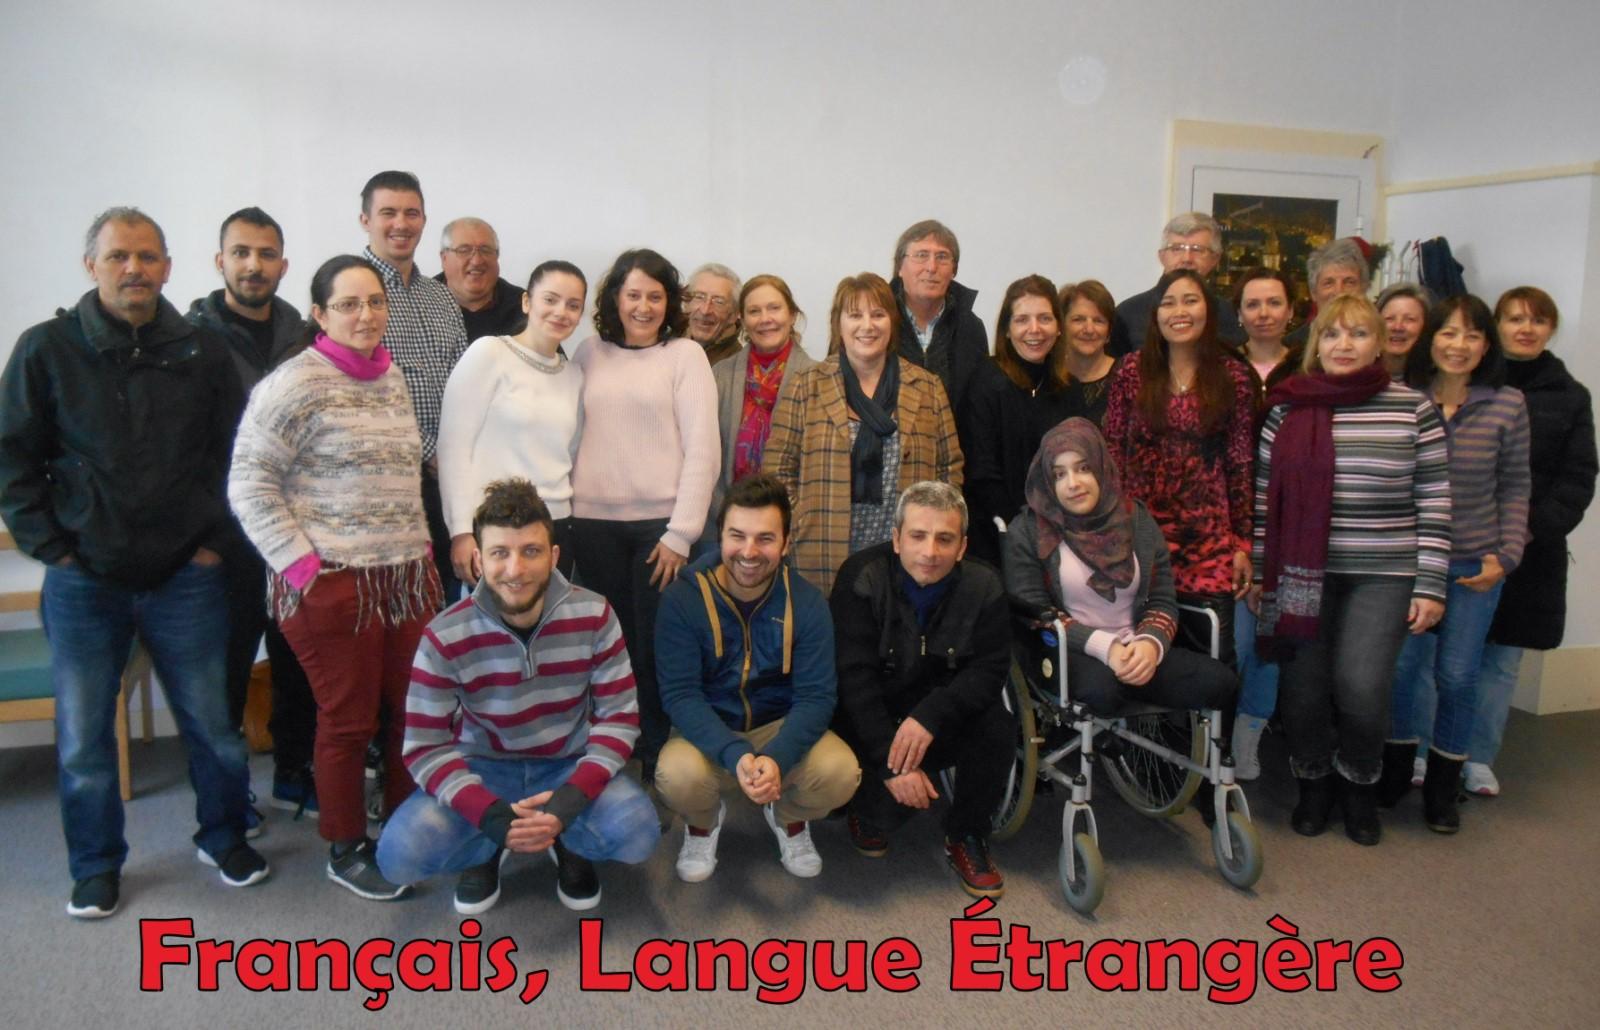 138Francais-Langue-Etrangere-2